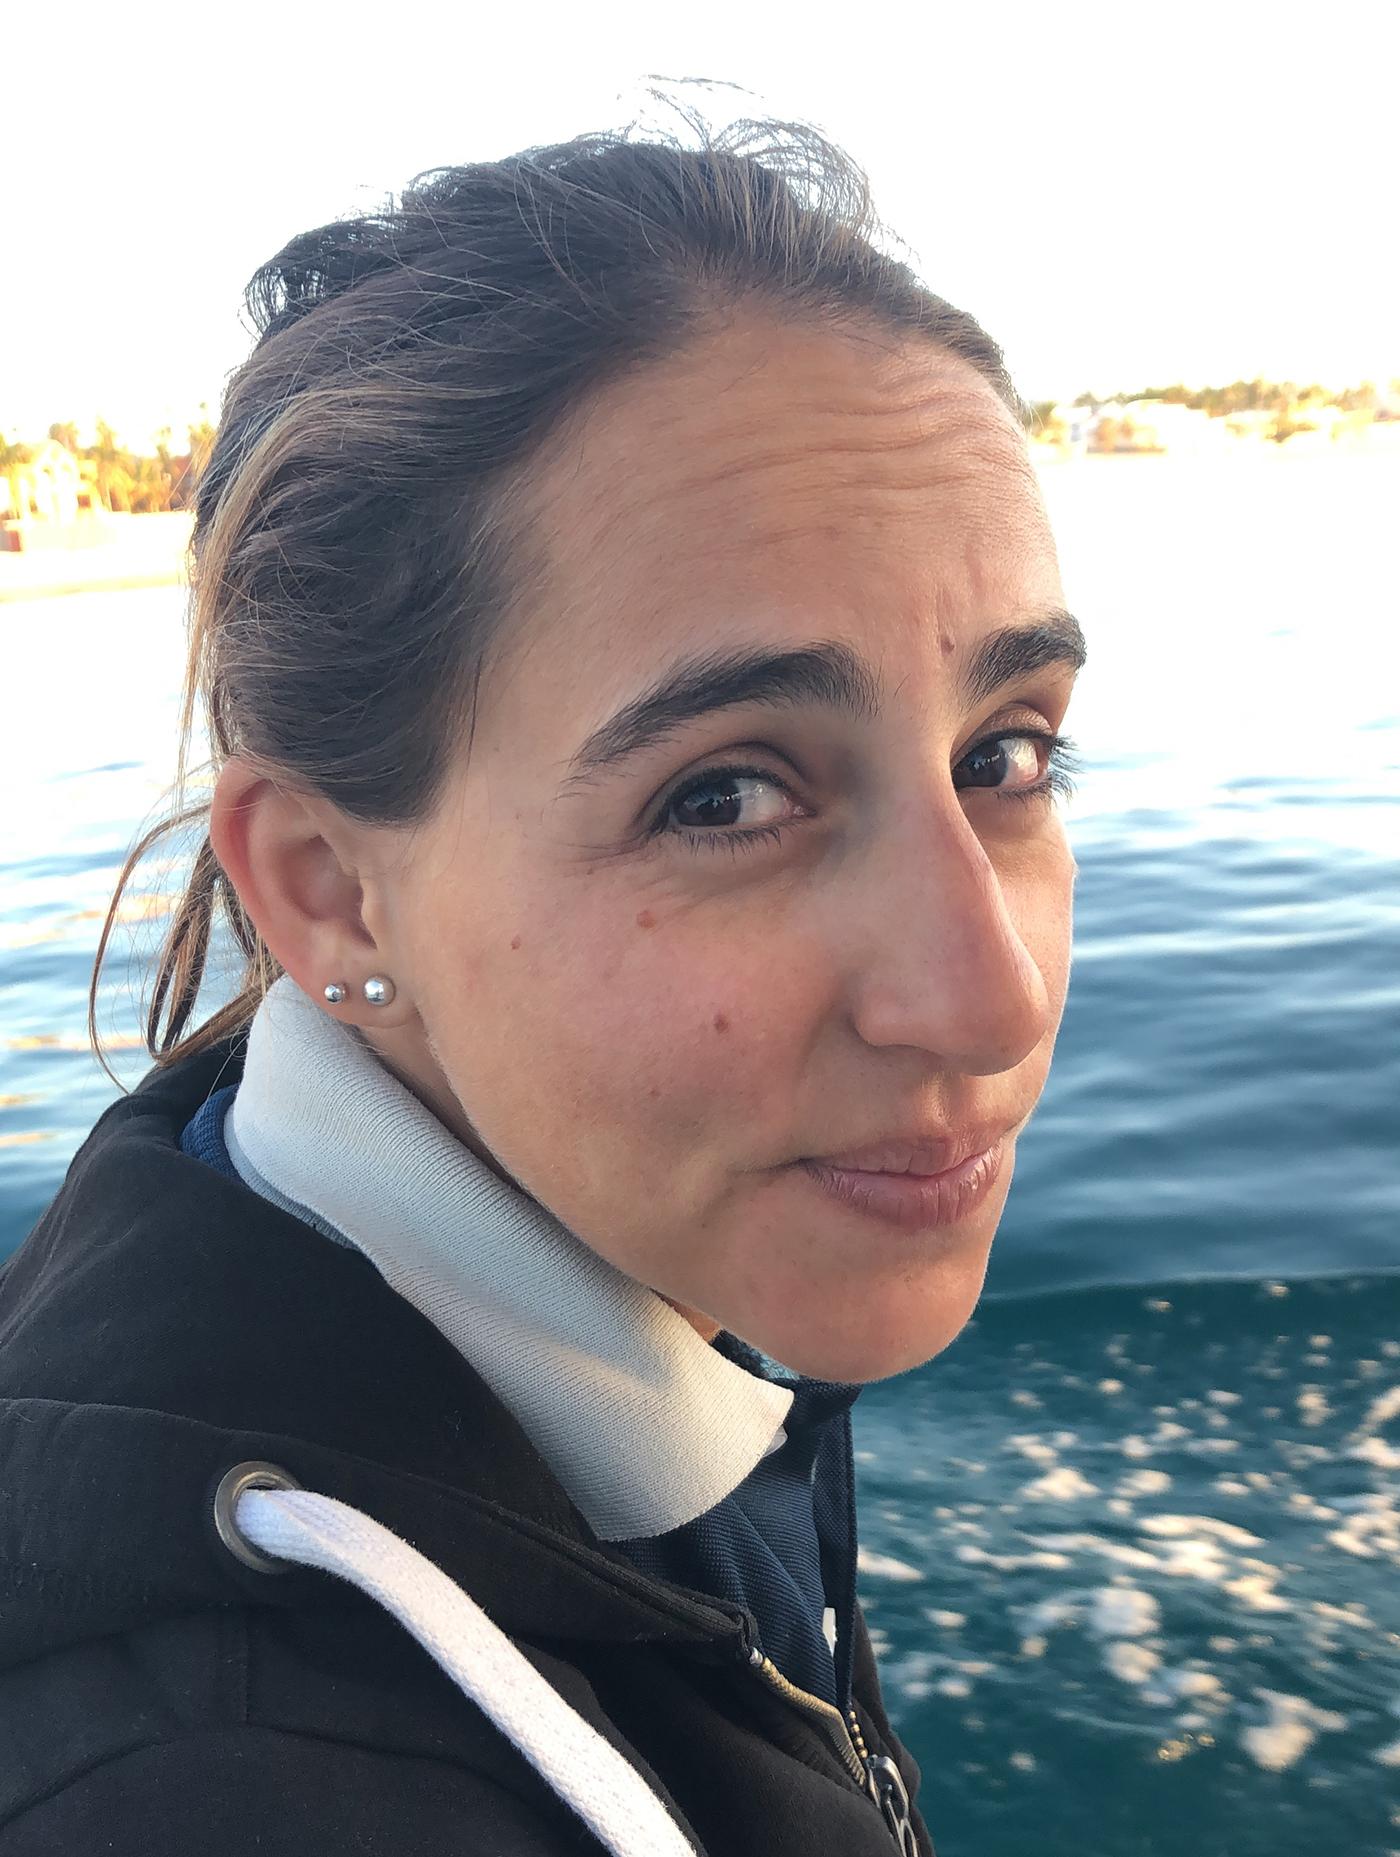 Our fearless guide Fernanda. You rock my friend!